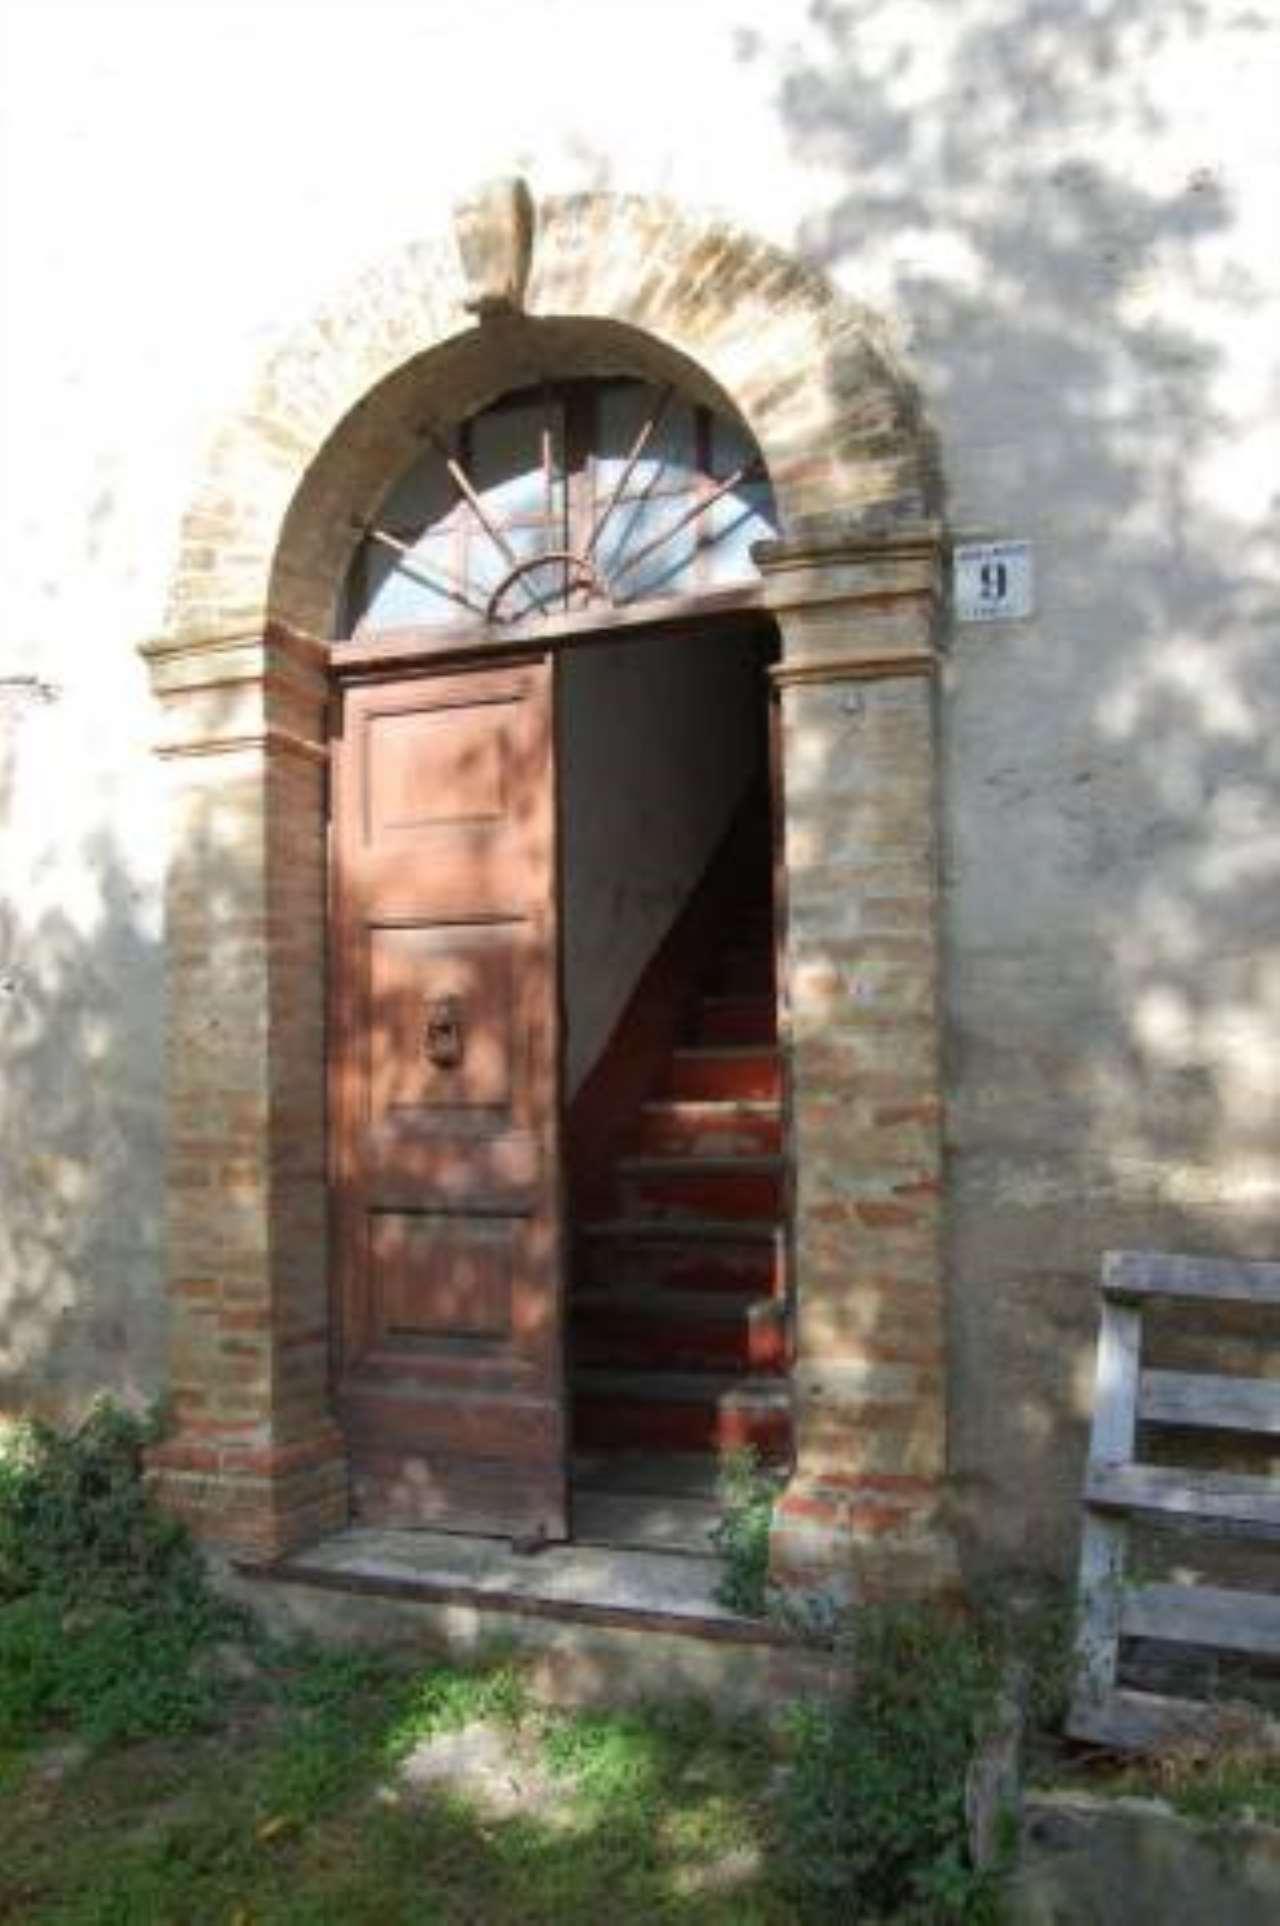 Rustico / Casale in vendita a Gualdo, 6 locali, prezzo € 220.000 | CambioCasa.it